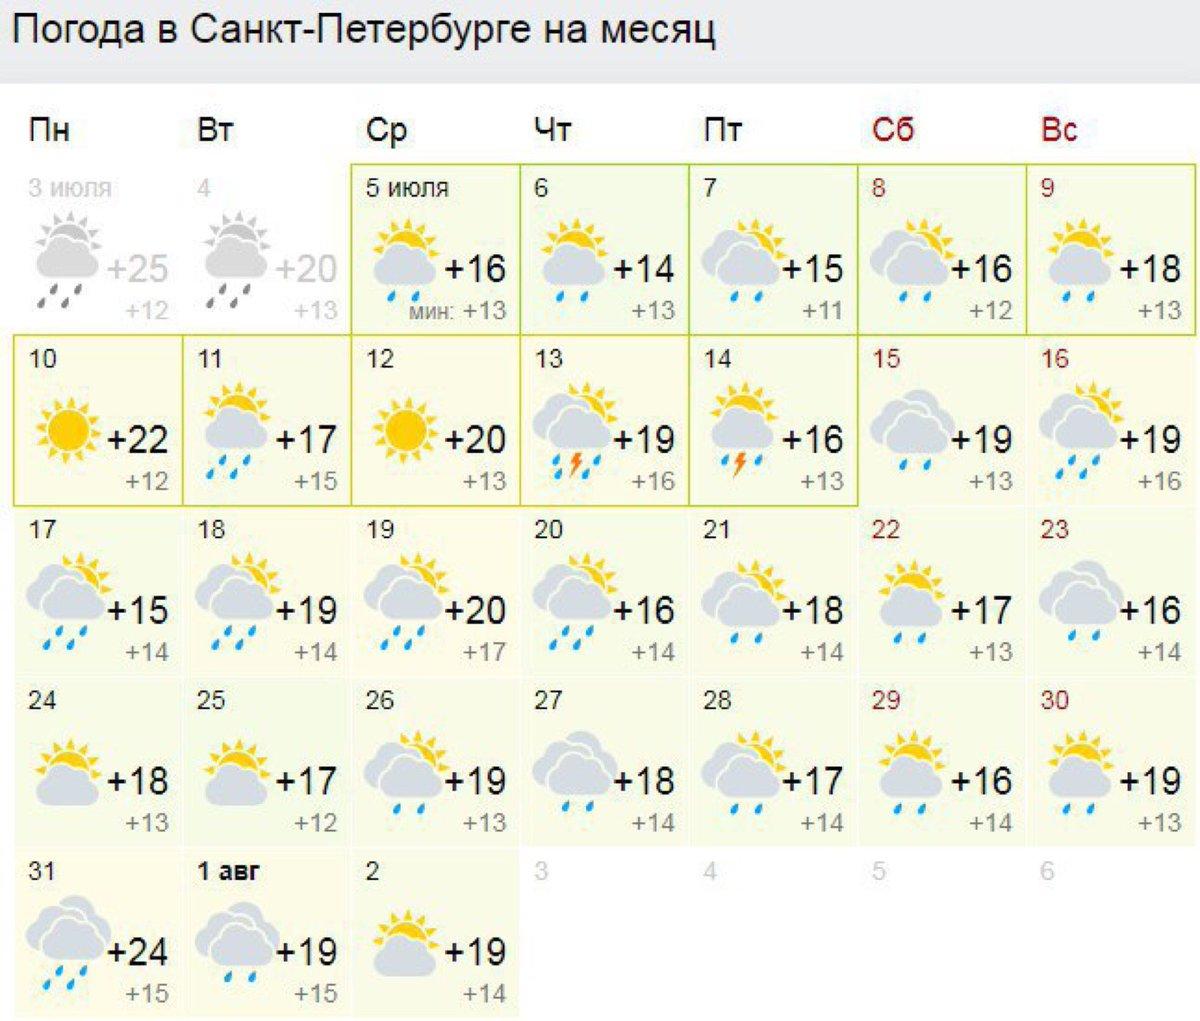 хранение парфюма погода в ангарске на ноябрь месяц парфюмированное